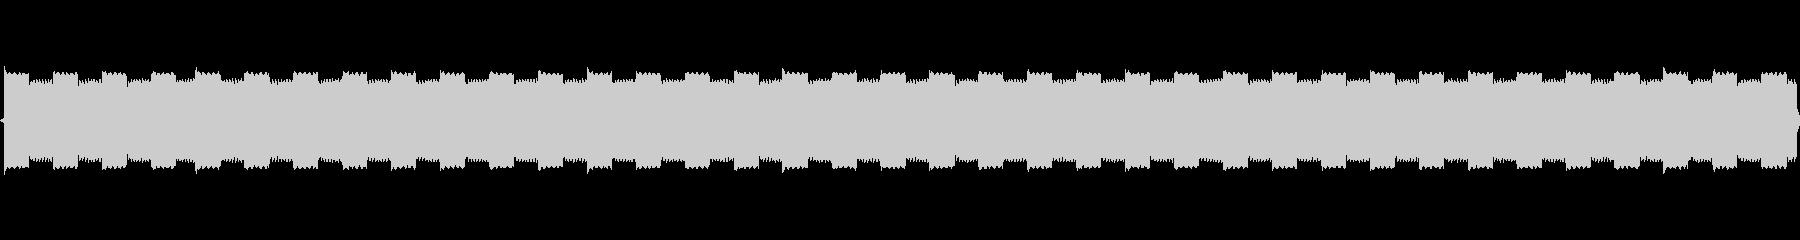 【効果音】警報音2の未再生の波形